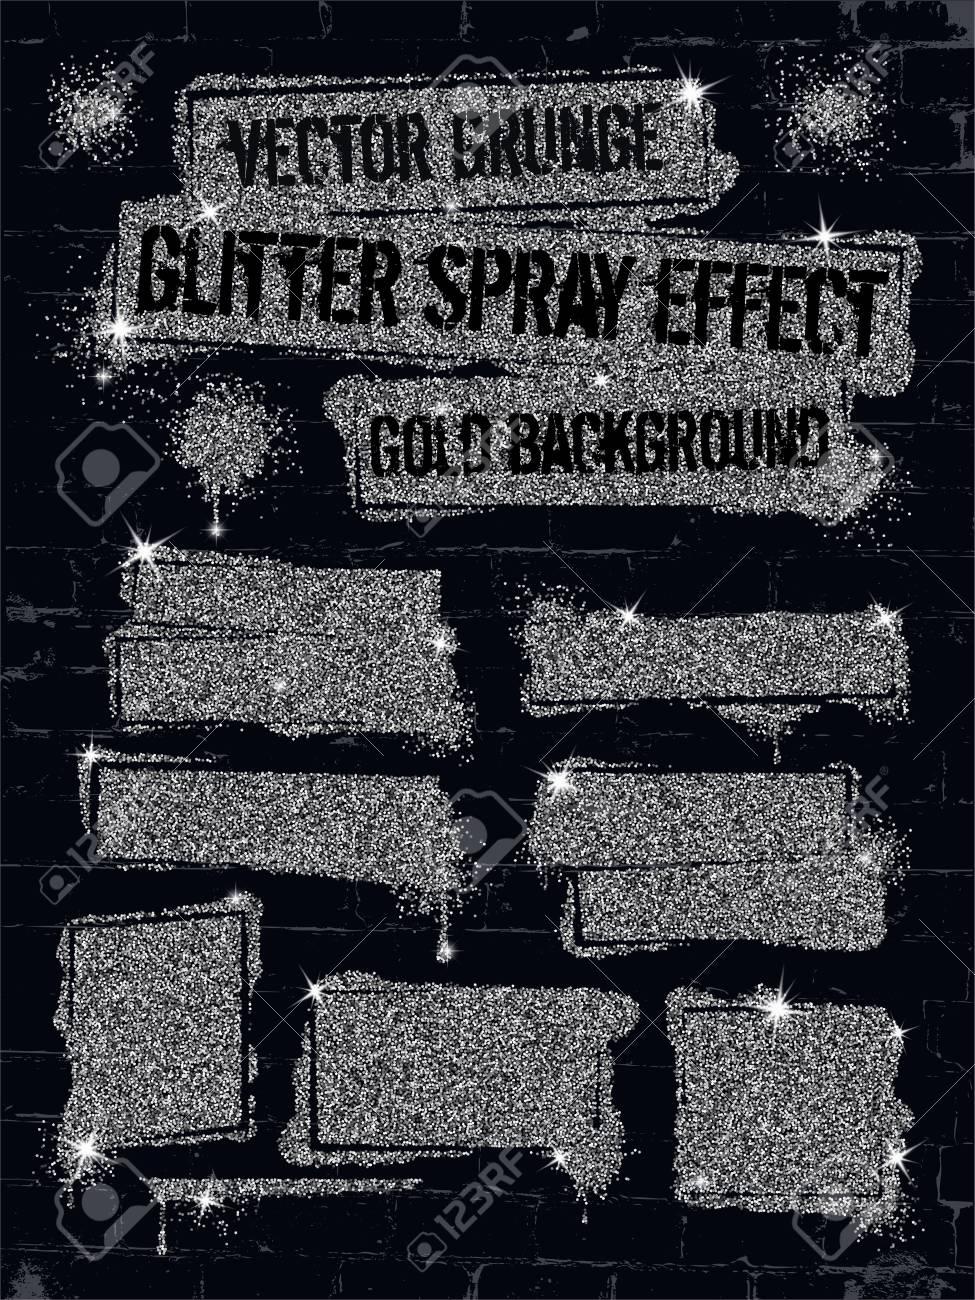 Divers Graffiti De Peinture En Aérosol De Paillettes Sur Le Mur De Briques Cadre Avec Des Confettis Scintillants D Argent Ou Comme La Peinture De Gel